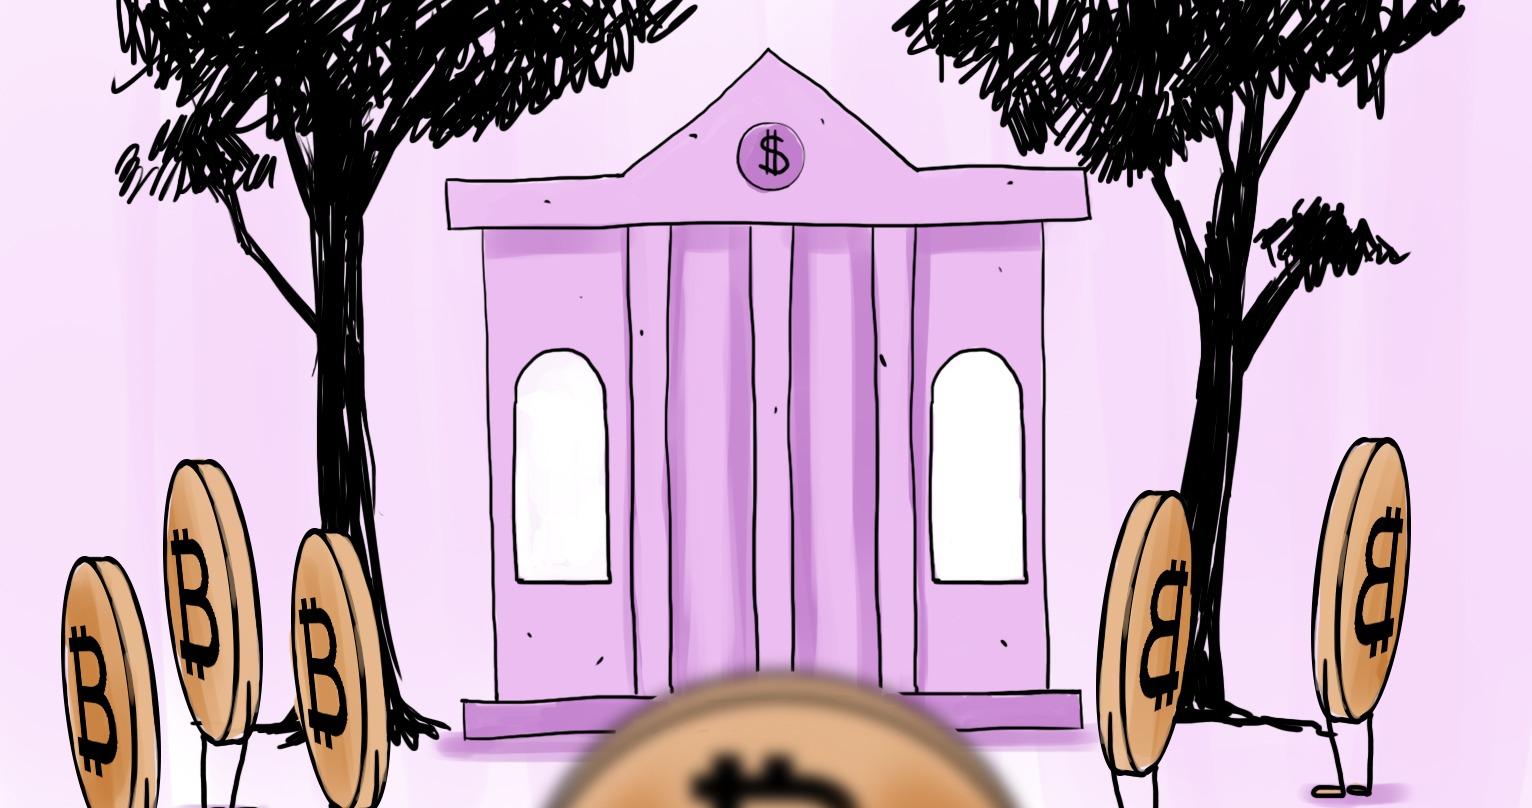 Многие банки и крупные финансовые организации до последнего стараются отрицать преимущества криптовалюты над фиатом